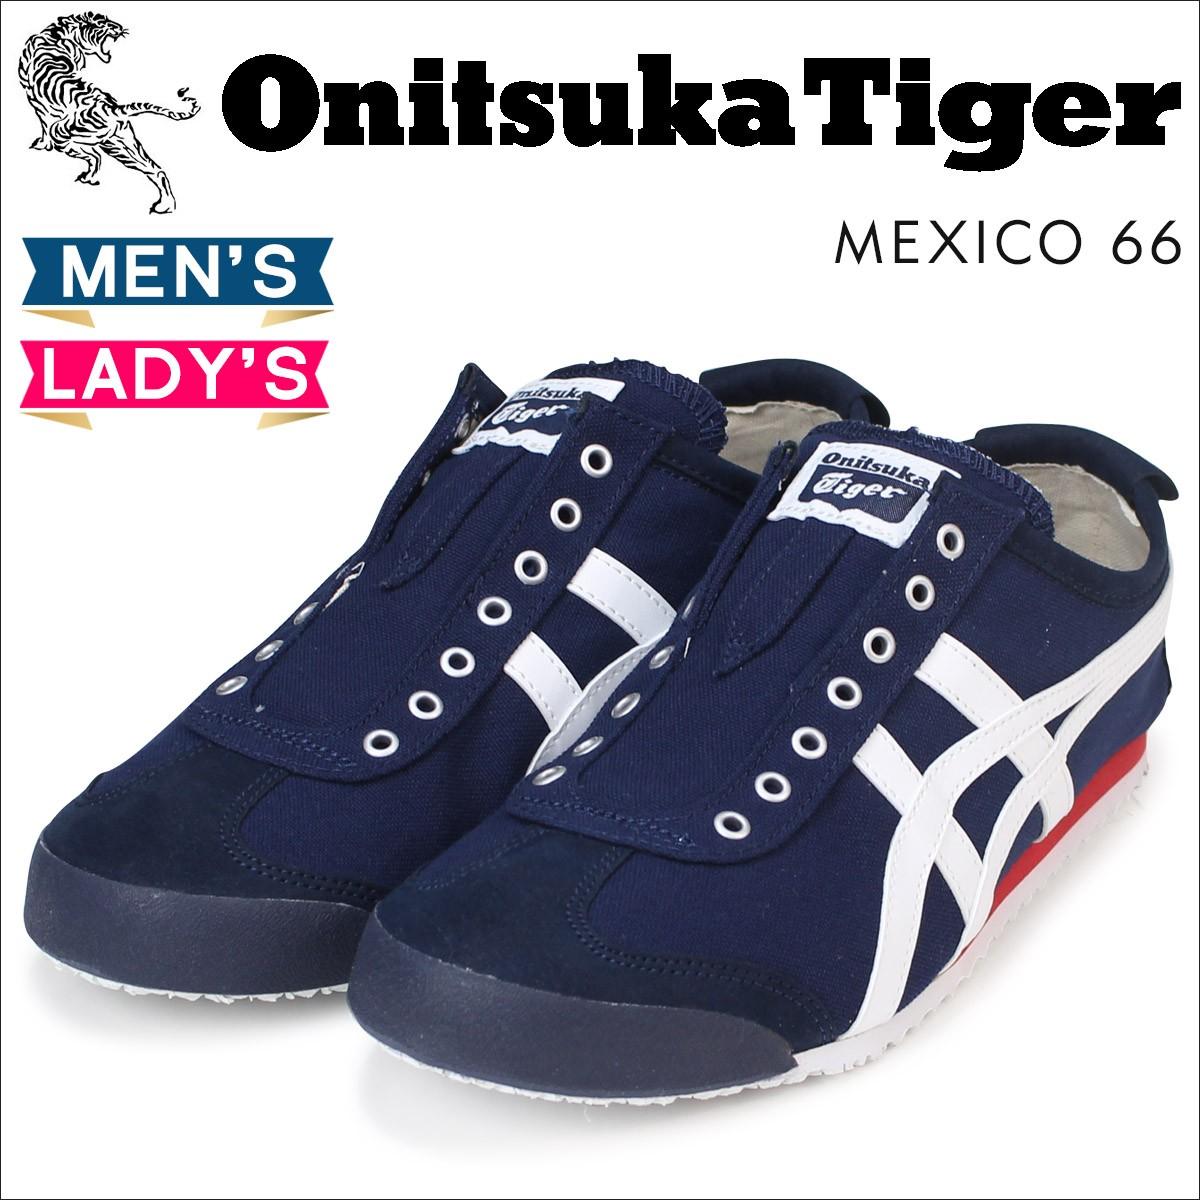 オニツカタイガー メキシコ66 スリッポン Onitsuka Tiger メンズ レディース スニーカー MEXICO 66 SLIP ON D3K0N 5099 靴 ネイビー [3/7 再入荷]